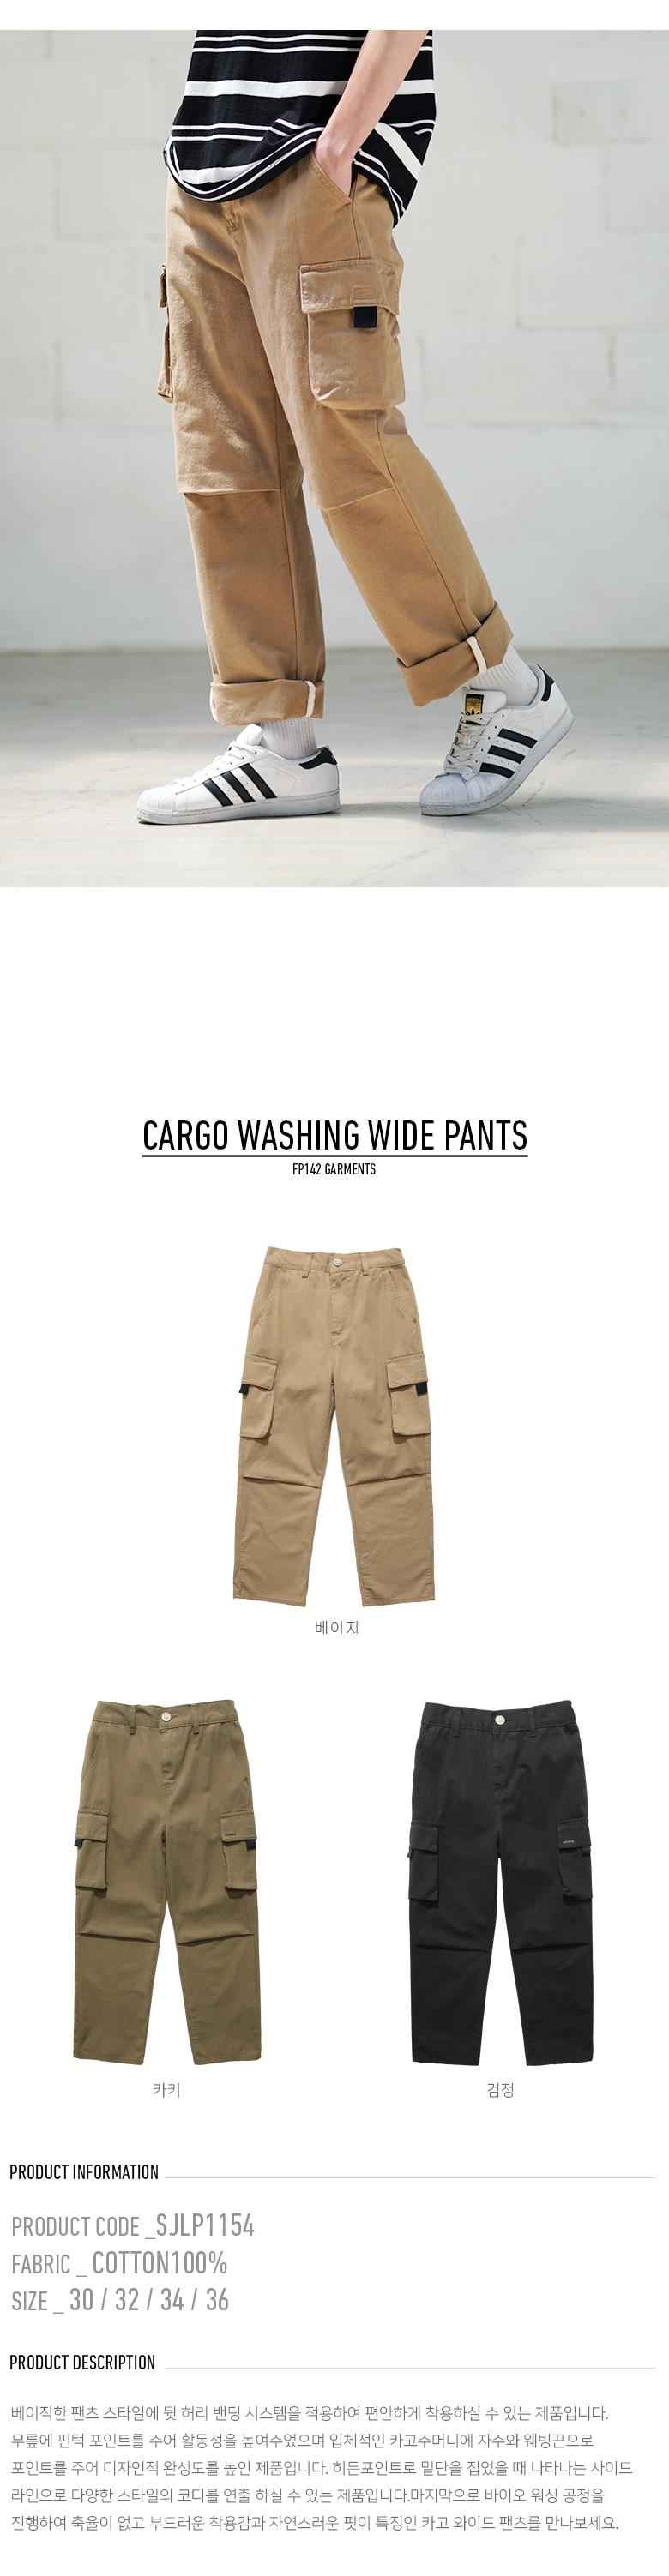 20190522_fp_cargo_washing_wide_pants_title_SJLP1154.jpg